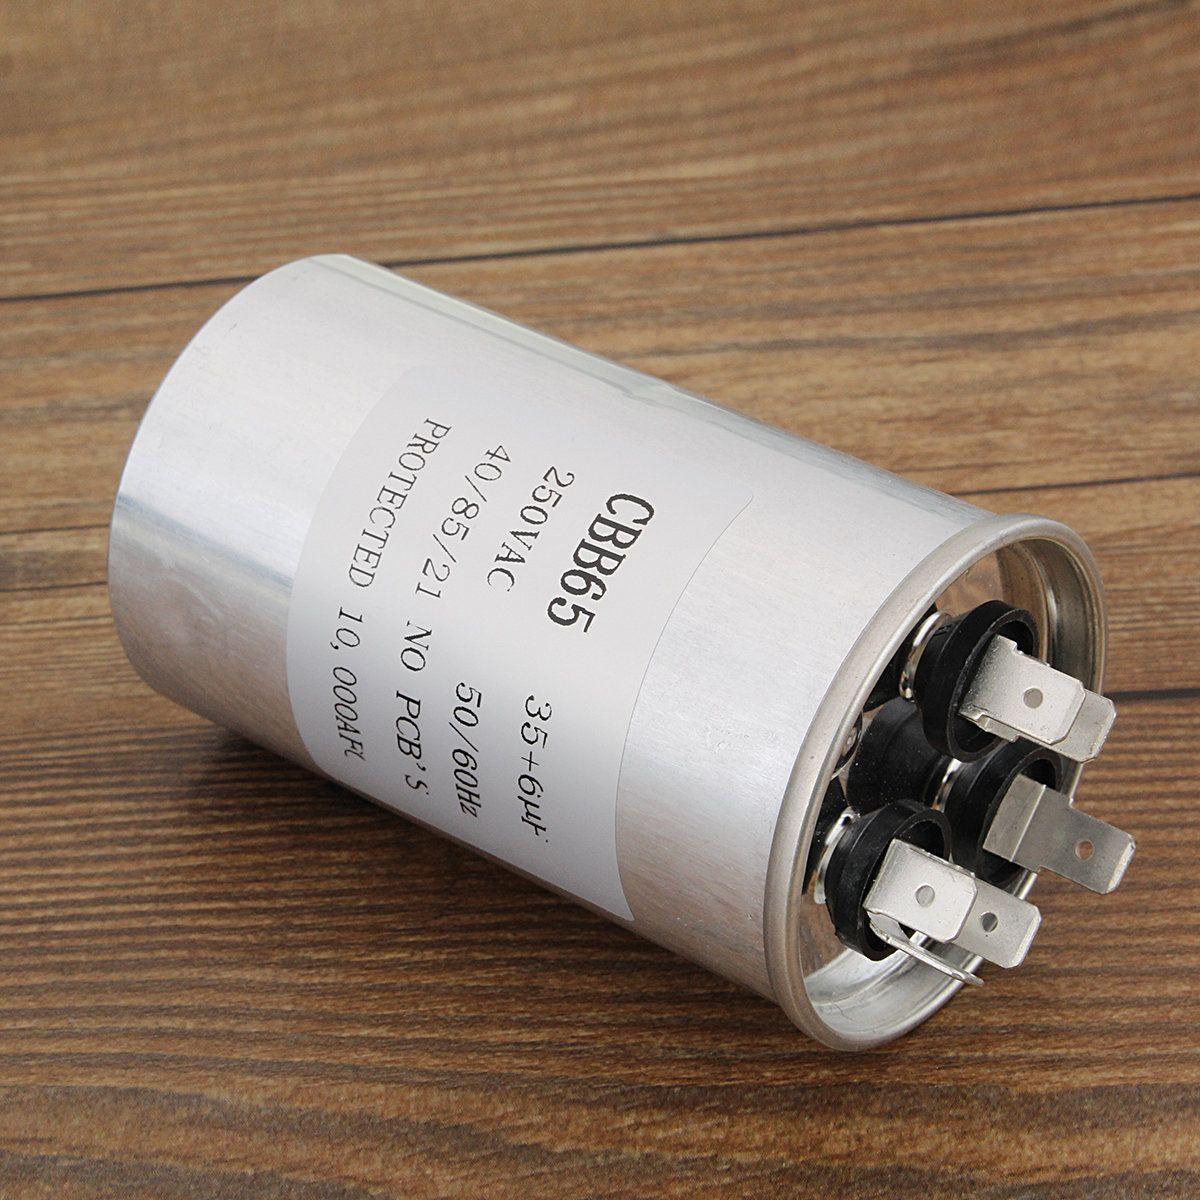 Us 5 46 Cbb65 Washing Machine Run Capacitor 250vac 250v Ac 35 6 Uf 35uf 6uf Sh 50 60hz Cbb65 Washing Machine Capacitor Capacitor Diy Kits Usb Flash Drive